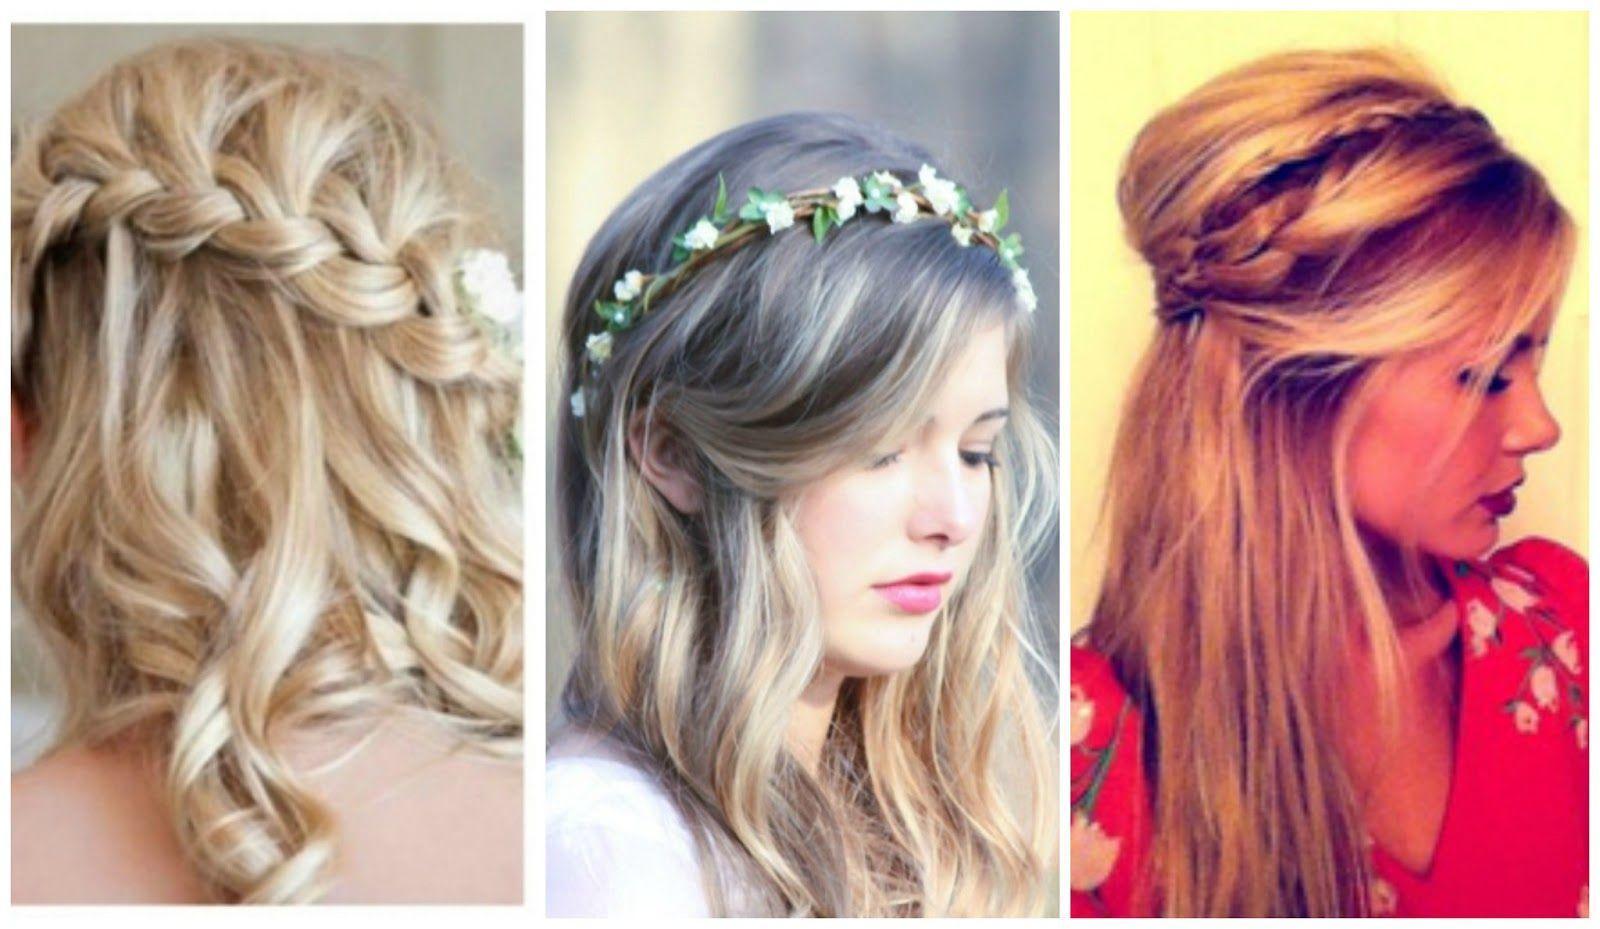 Peinado con trenza trenza corona de flores pelo diadema - Peinados recogidos con trenzas ...